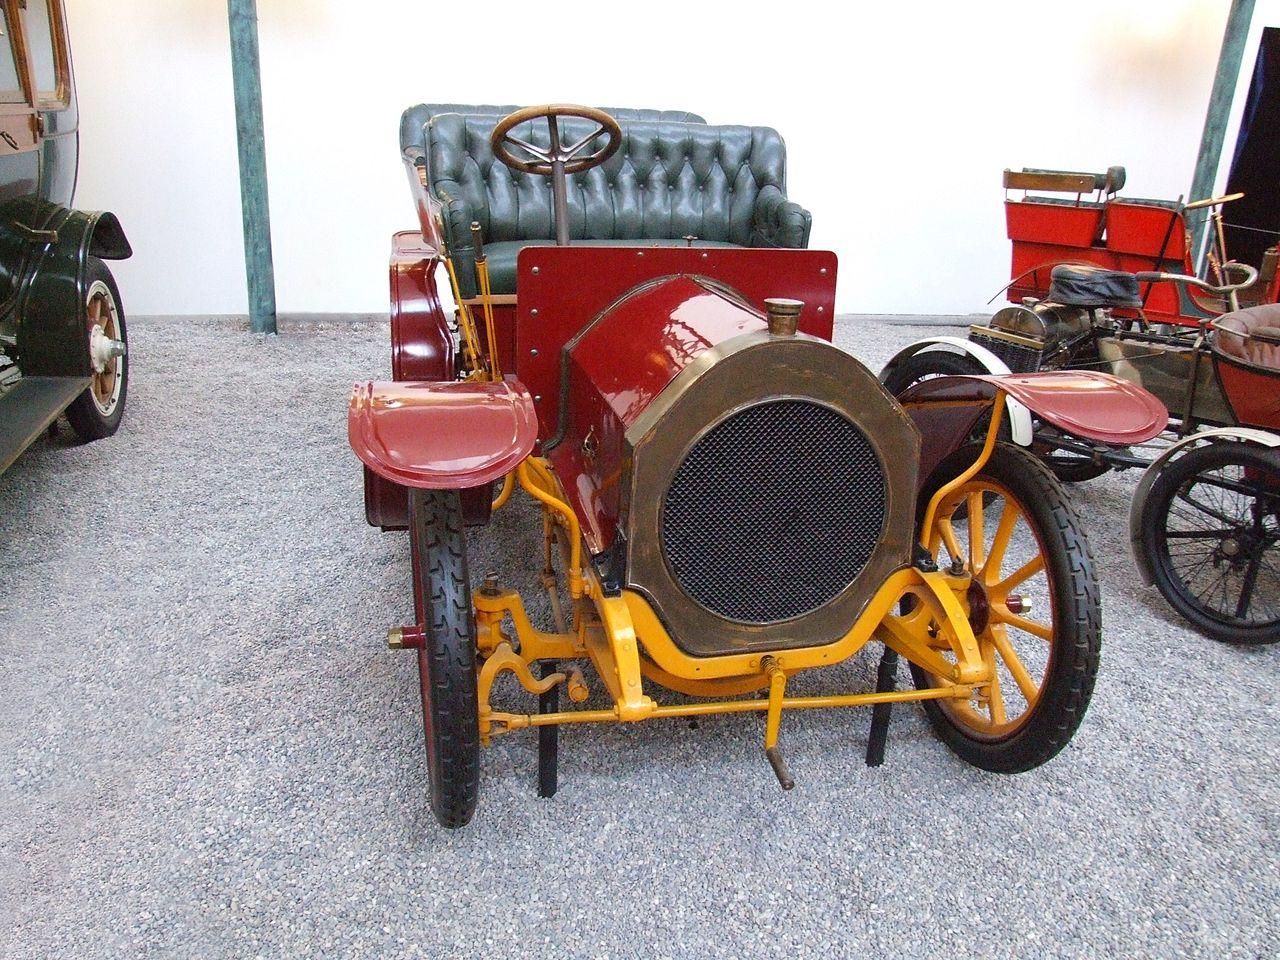 1907-Gladiator_Double_Phaeton-twee-cillinder-2433CC-12-PK-45-km-per-uur